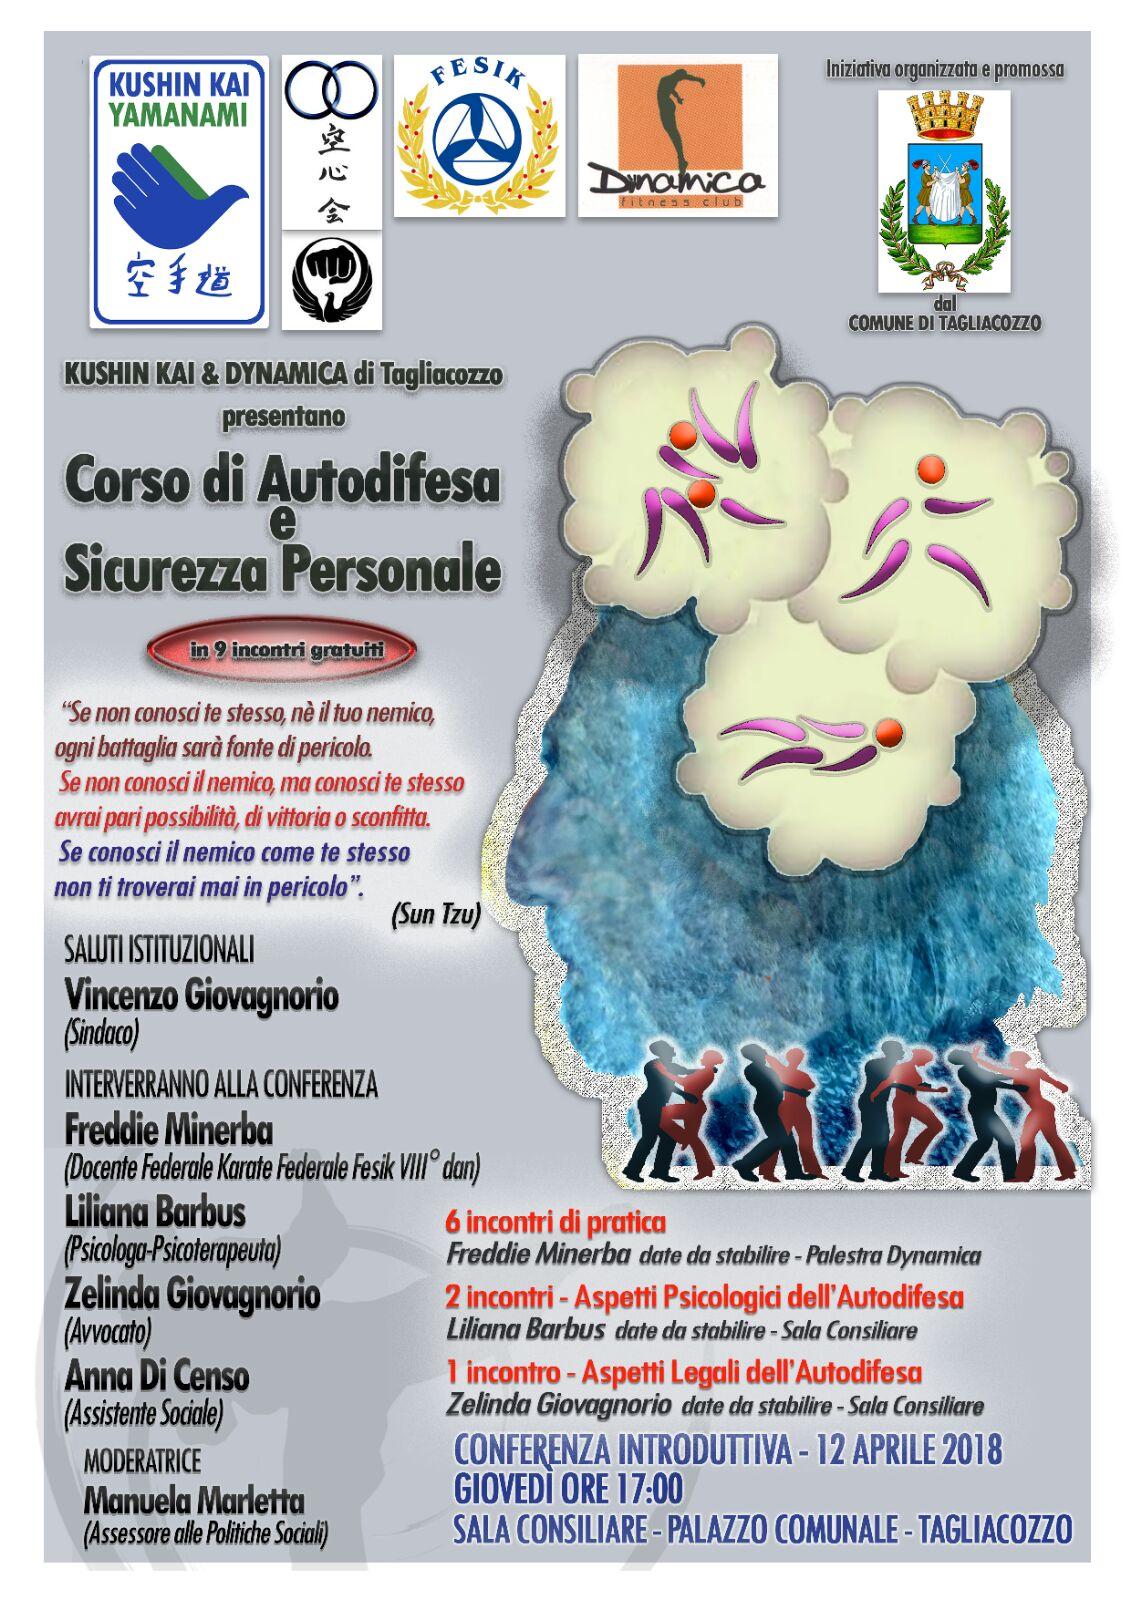 Il 12 aprile a Tagliacozzo si parla di sicurezza personale e autodifesa